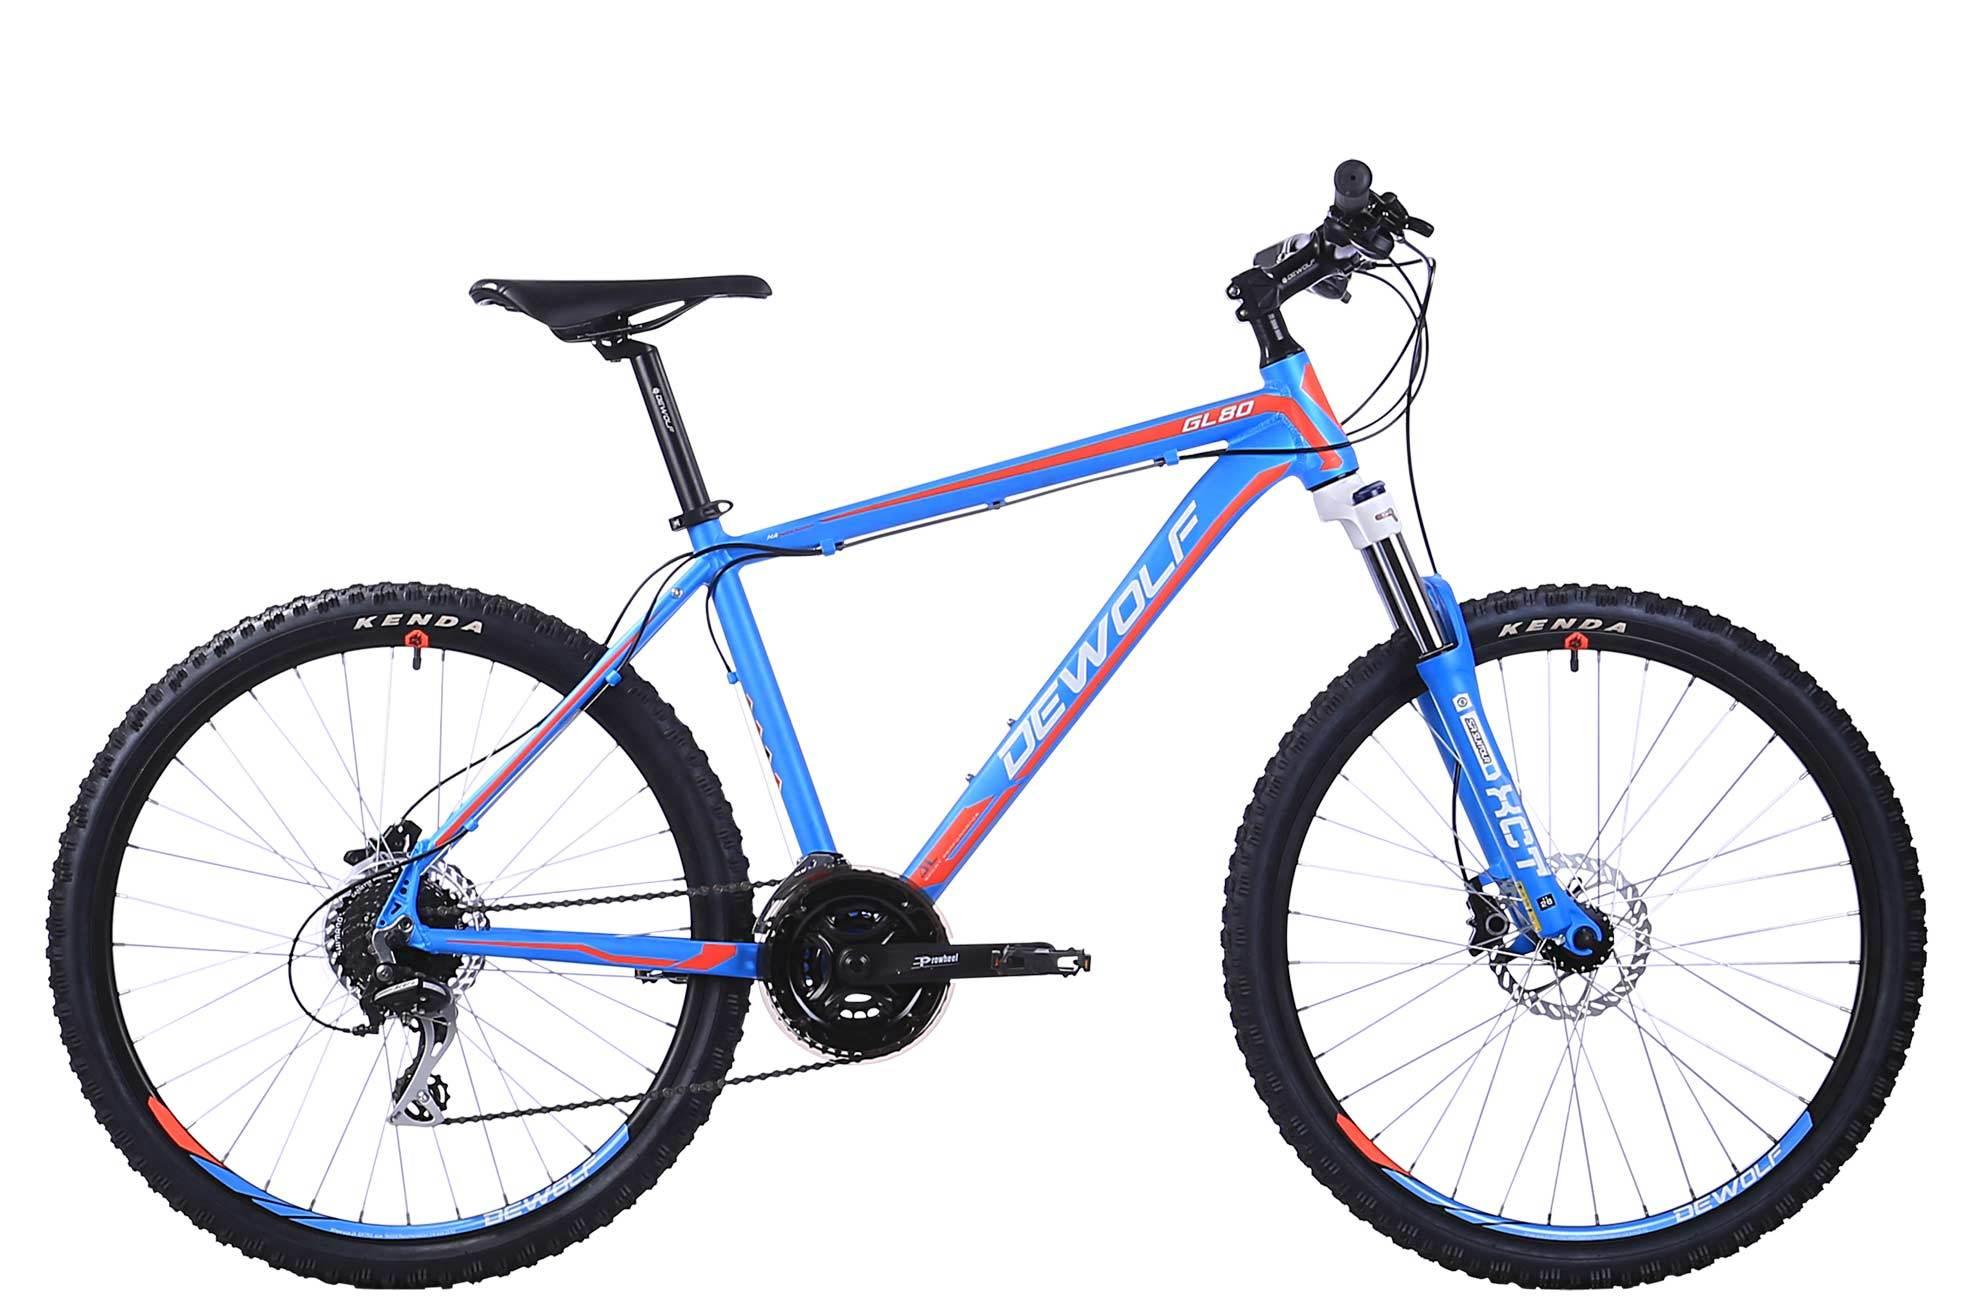 Dewolf GL 80 (2016)Горные<br>Проверенная формула хорошего велосипеда: простая, но надежная навеска, сдержанный, но нескучный дизайн и классические колеса 26 - GL готов, приятно покататься.<br>Легкая и прочная алюминиевая рама, 24 передачи, пружинно-масляная вилка SR Suntour и мощные всепогодные дисковые гидравлические тормоза.<br><br><br>Двойные алюминиевые обода<br>Облегченная алюминиевая рама повышенной прочности<br>Мощные всепогодные гидравлические дисковые тормоза<br>Задний переключатель Shimano Acera<br>24 скорости<br>Вилка с плавным ходом и гидравлической блокировкой хода SR SUNTOUR XCT<br>